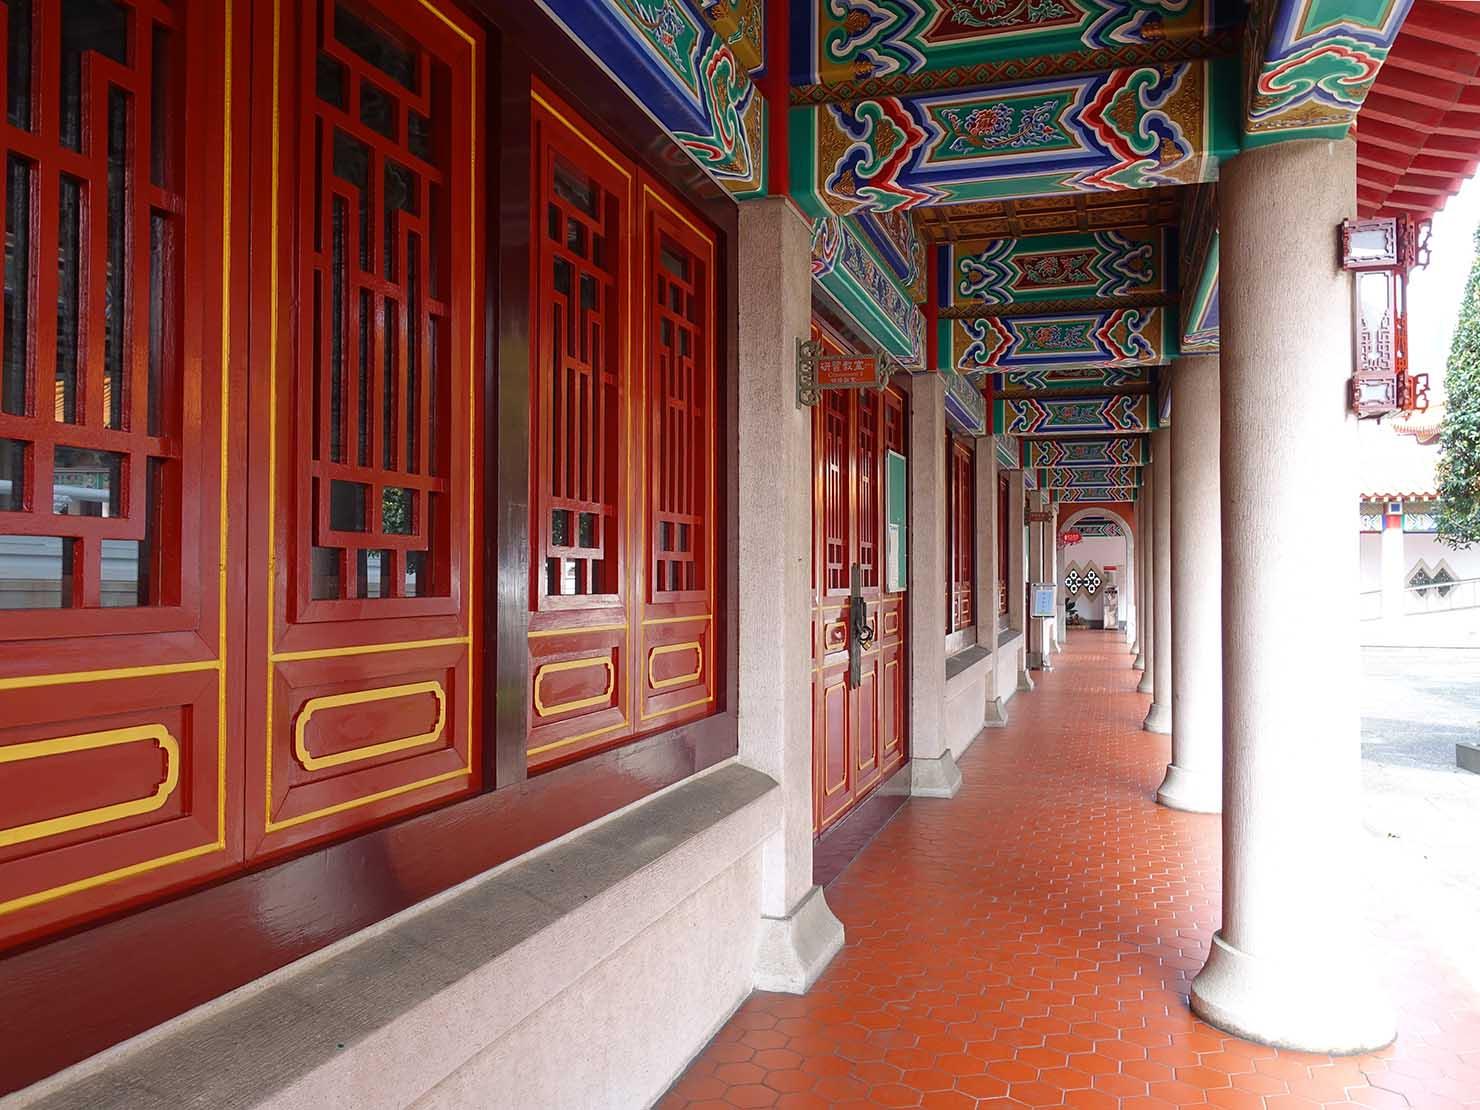 台中観光のおすすめスポット「孔廟」の廊下